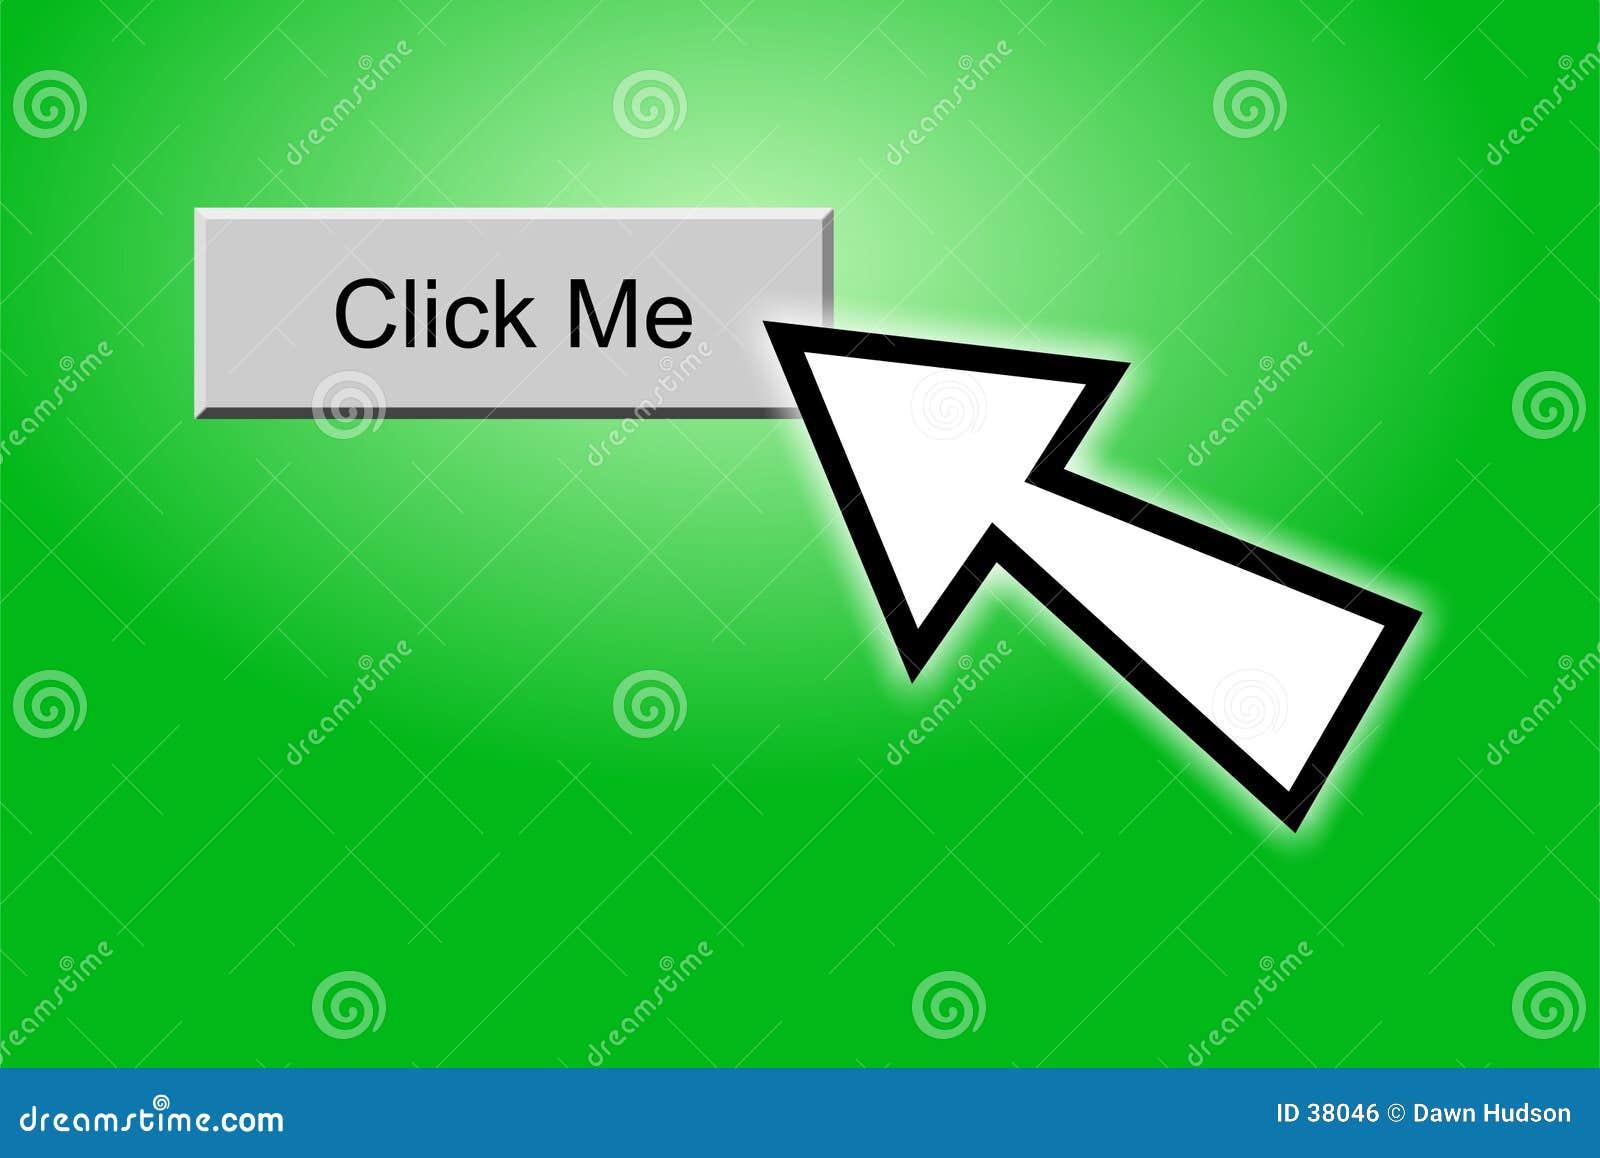 Hágame clic